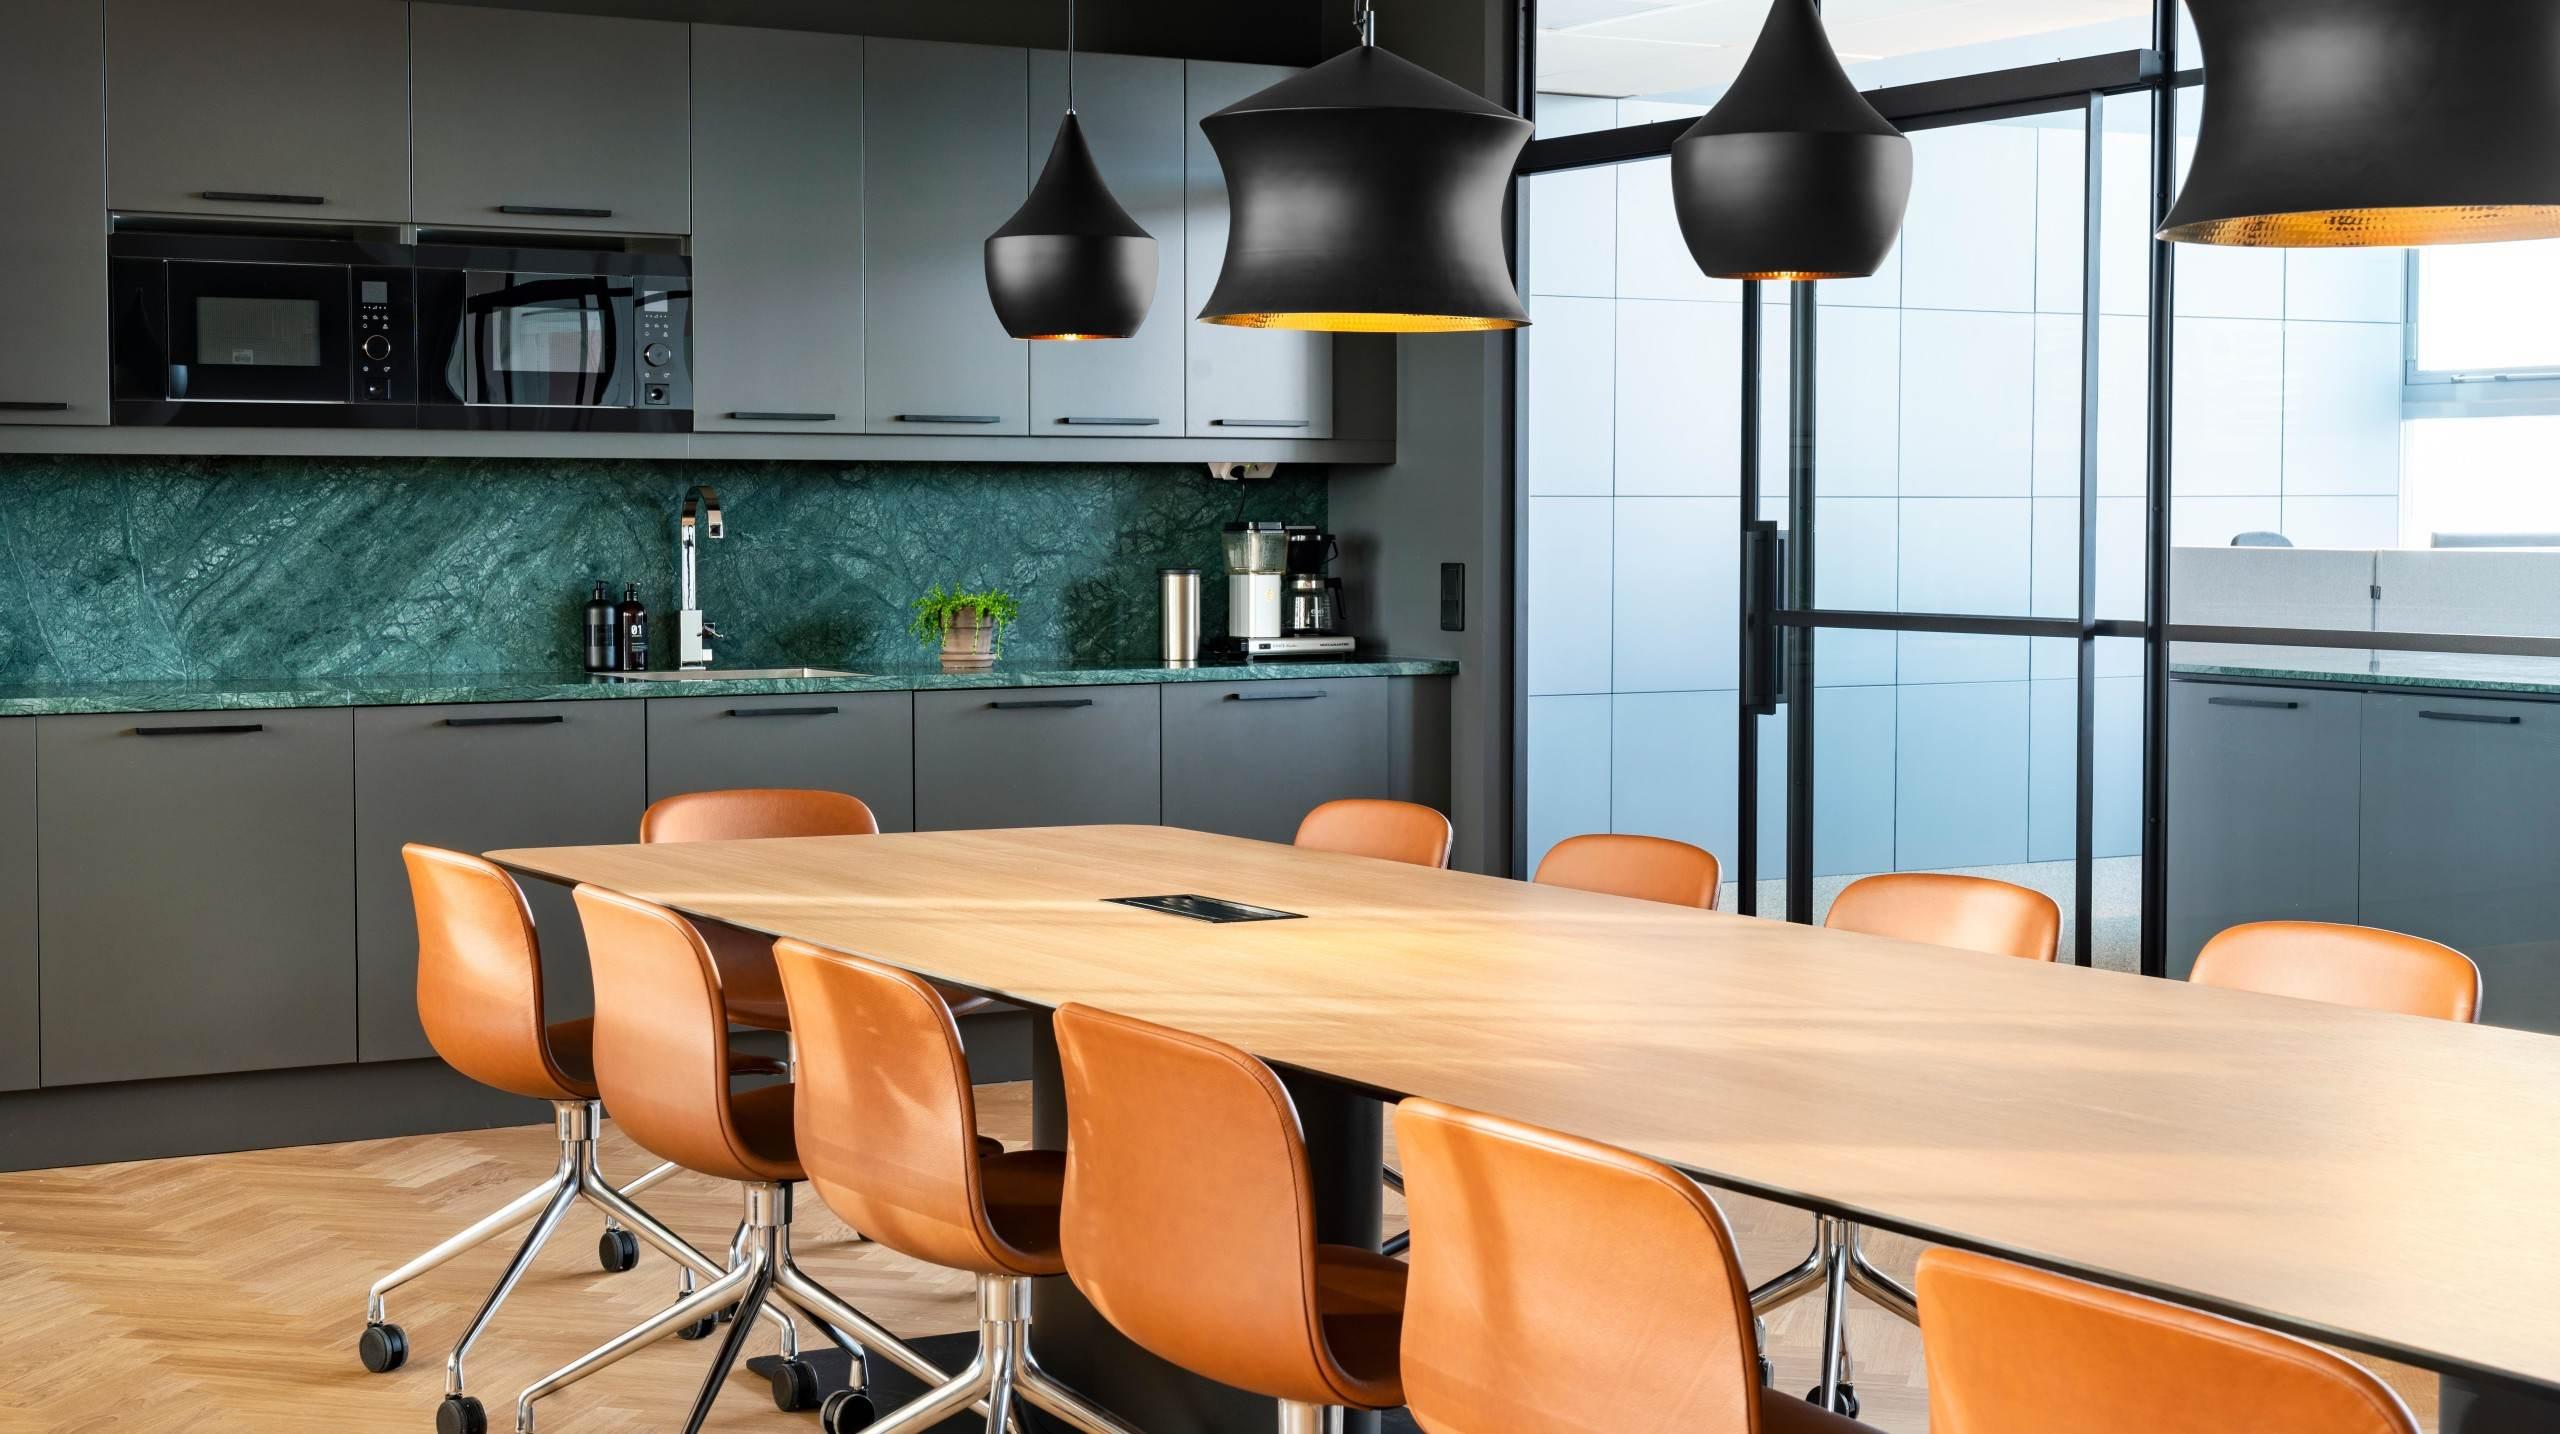 Svensk Fastighetsförmedlings kontor i Nacka, fotograferat av arkitekturfotograf Mattias Hamrén